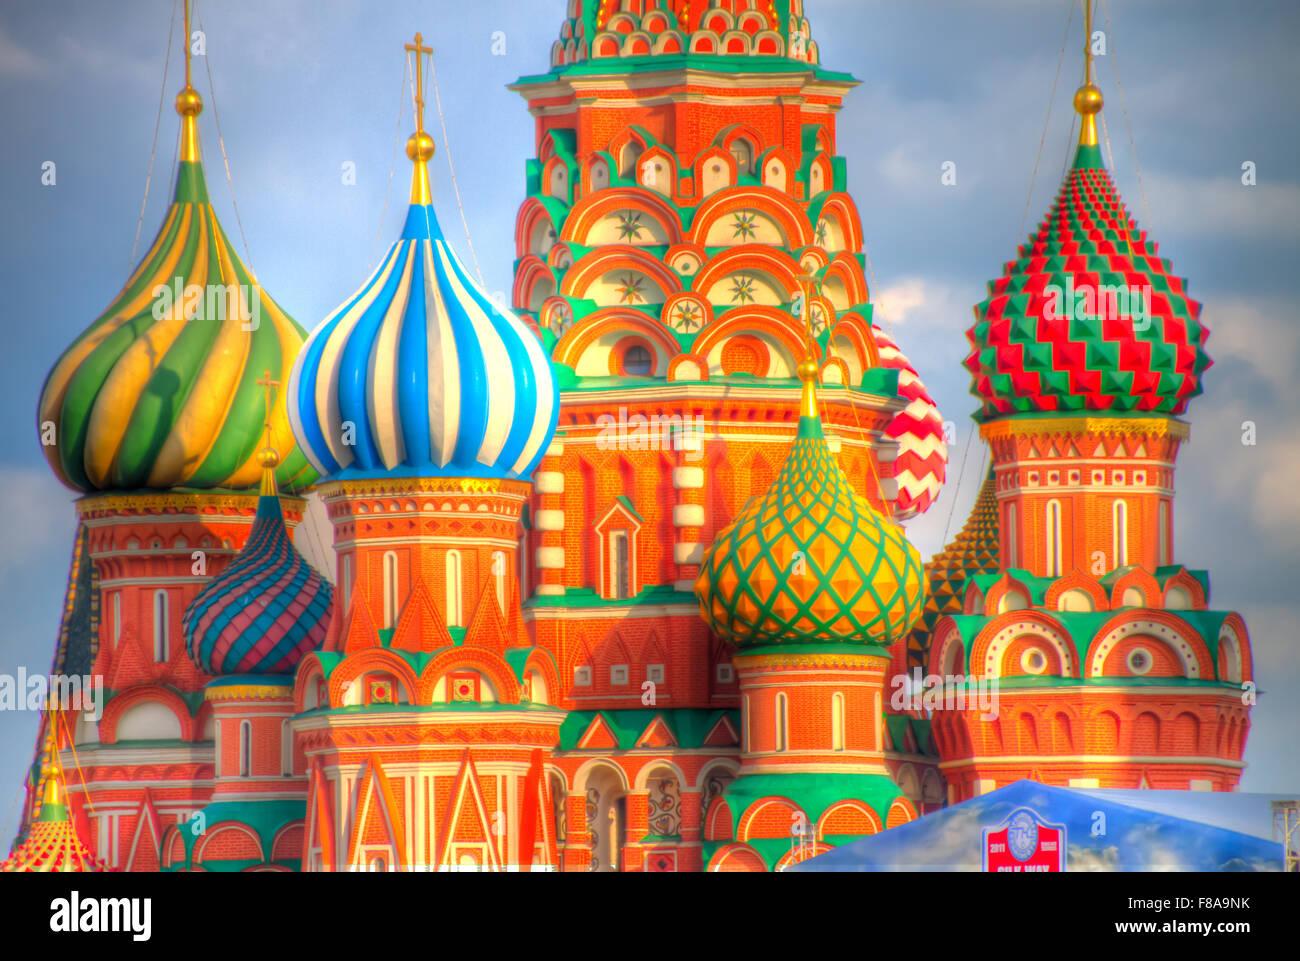 Cattedrale di San Basilio. Mosca, Federazione Russia, Piazza Rossa, costruito 1554-61 Immagini Stock